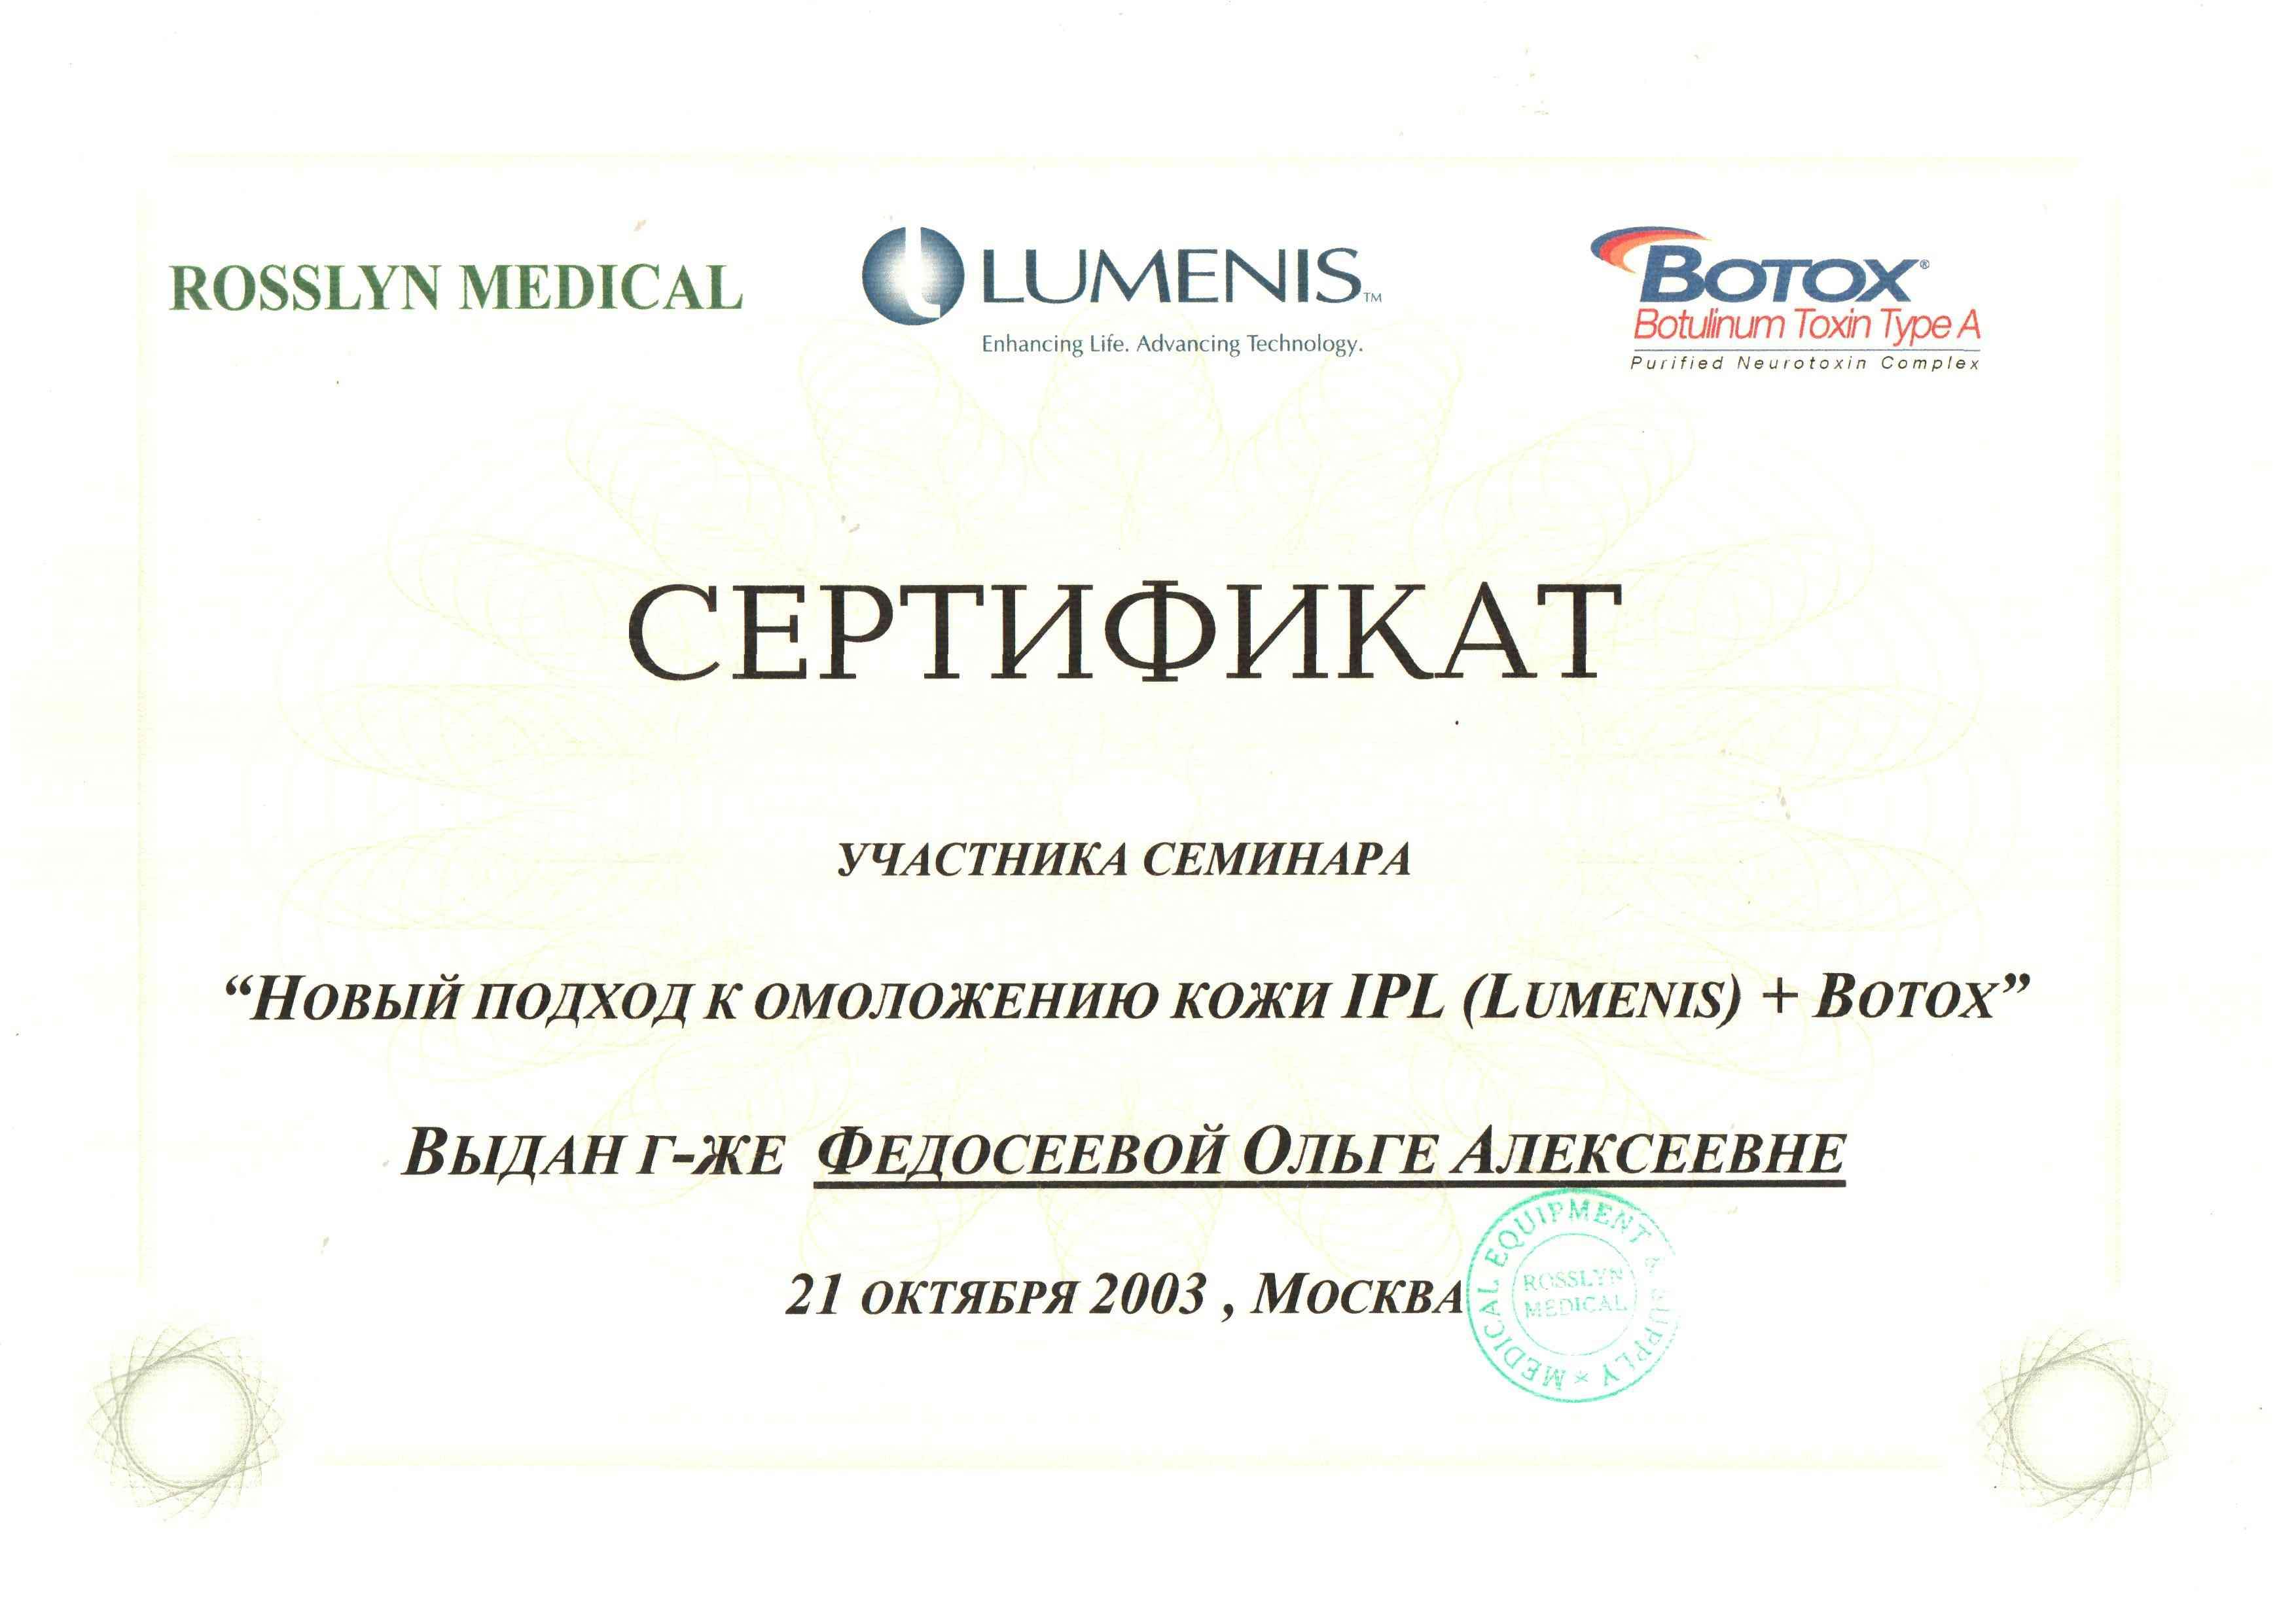 2003 ipl+botox